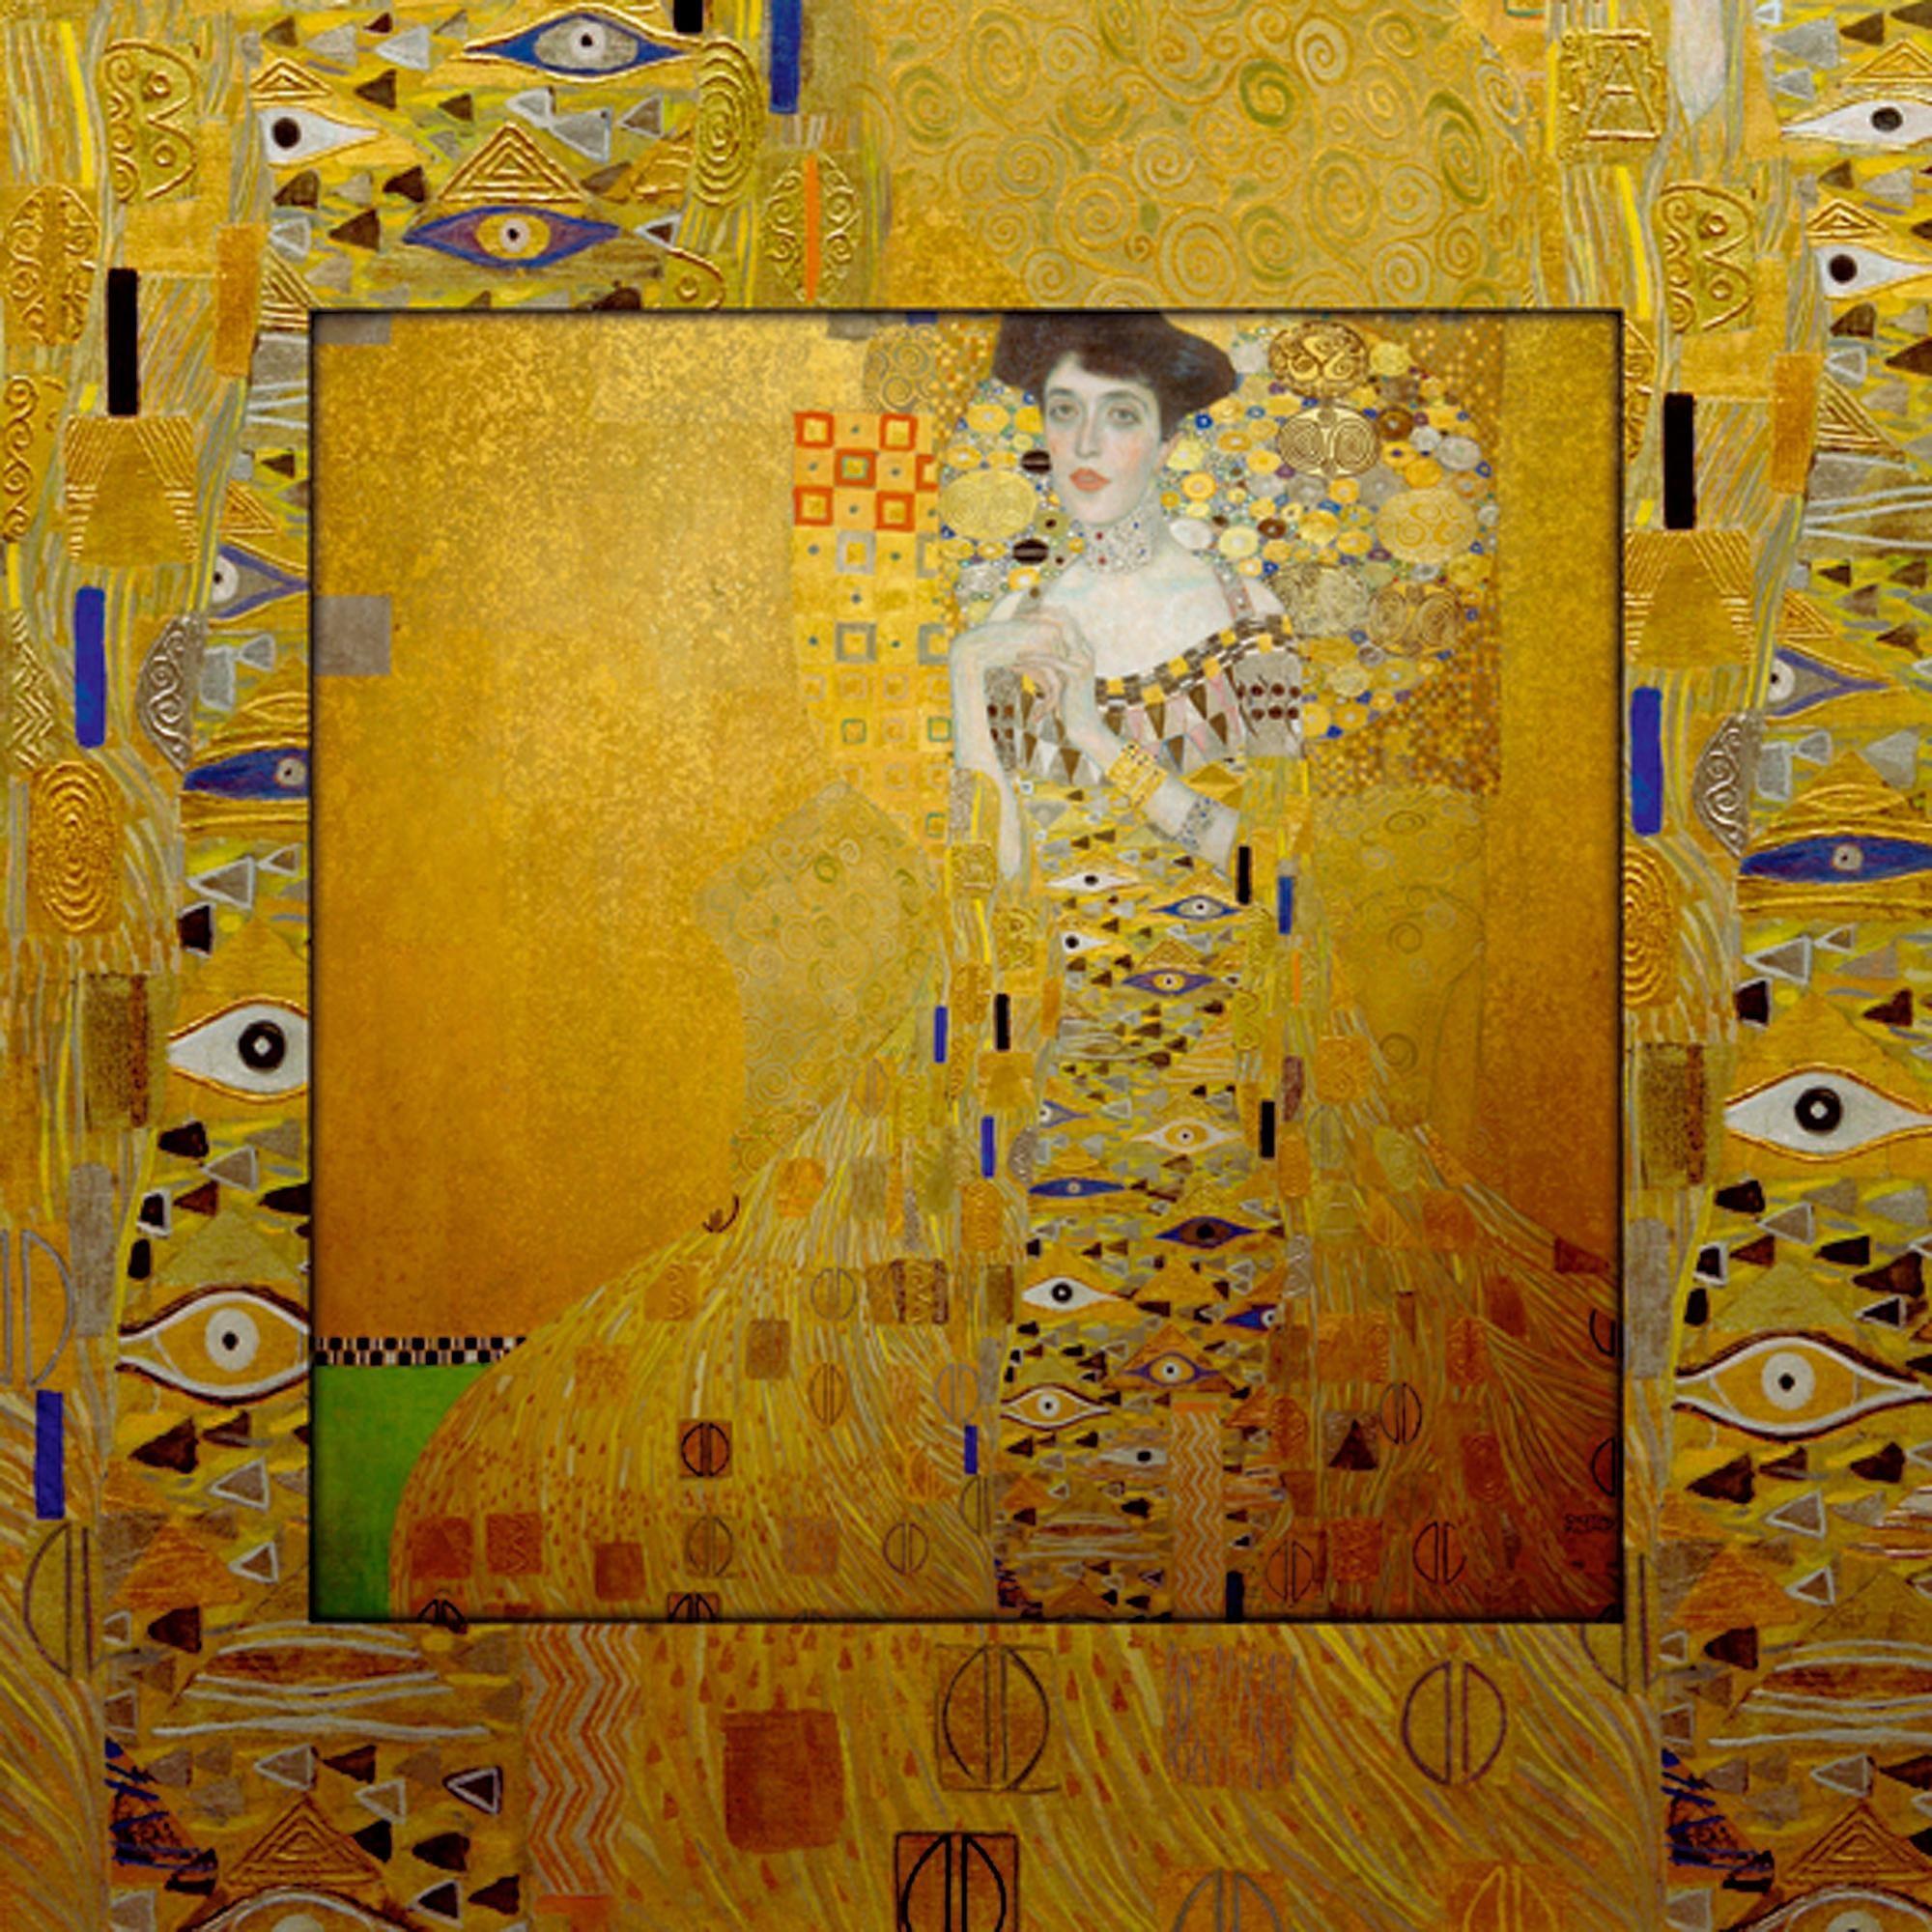 Home affaire Bild, Kunstdruck »G. Klimt: Bloch-Bauer«, 50,4/50,4 cm